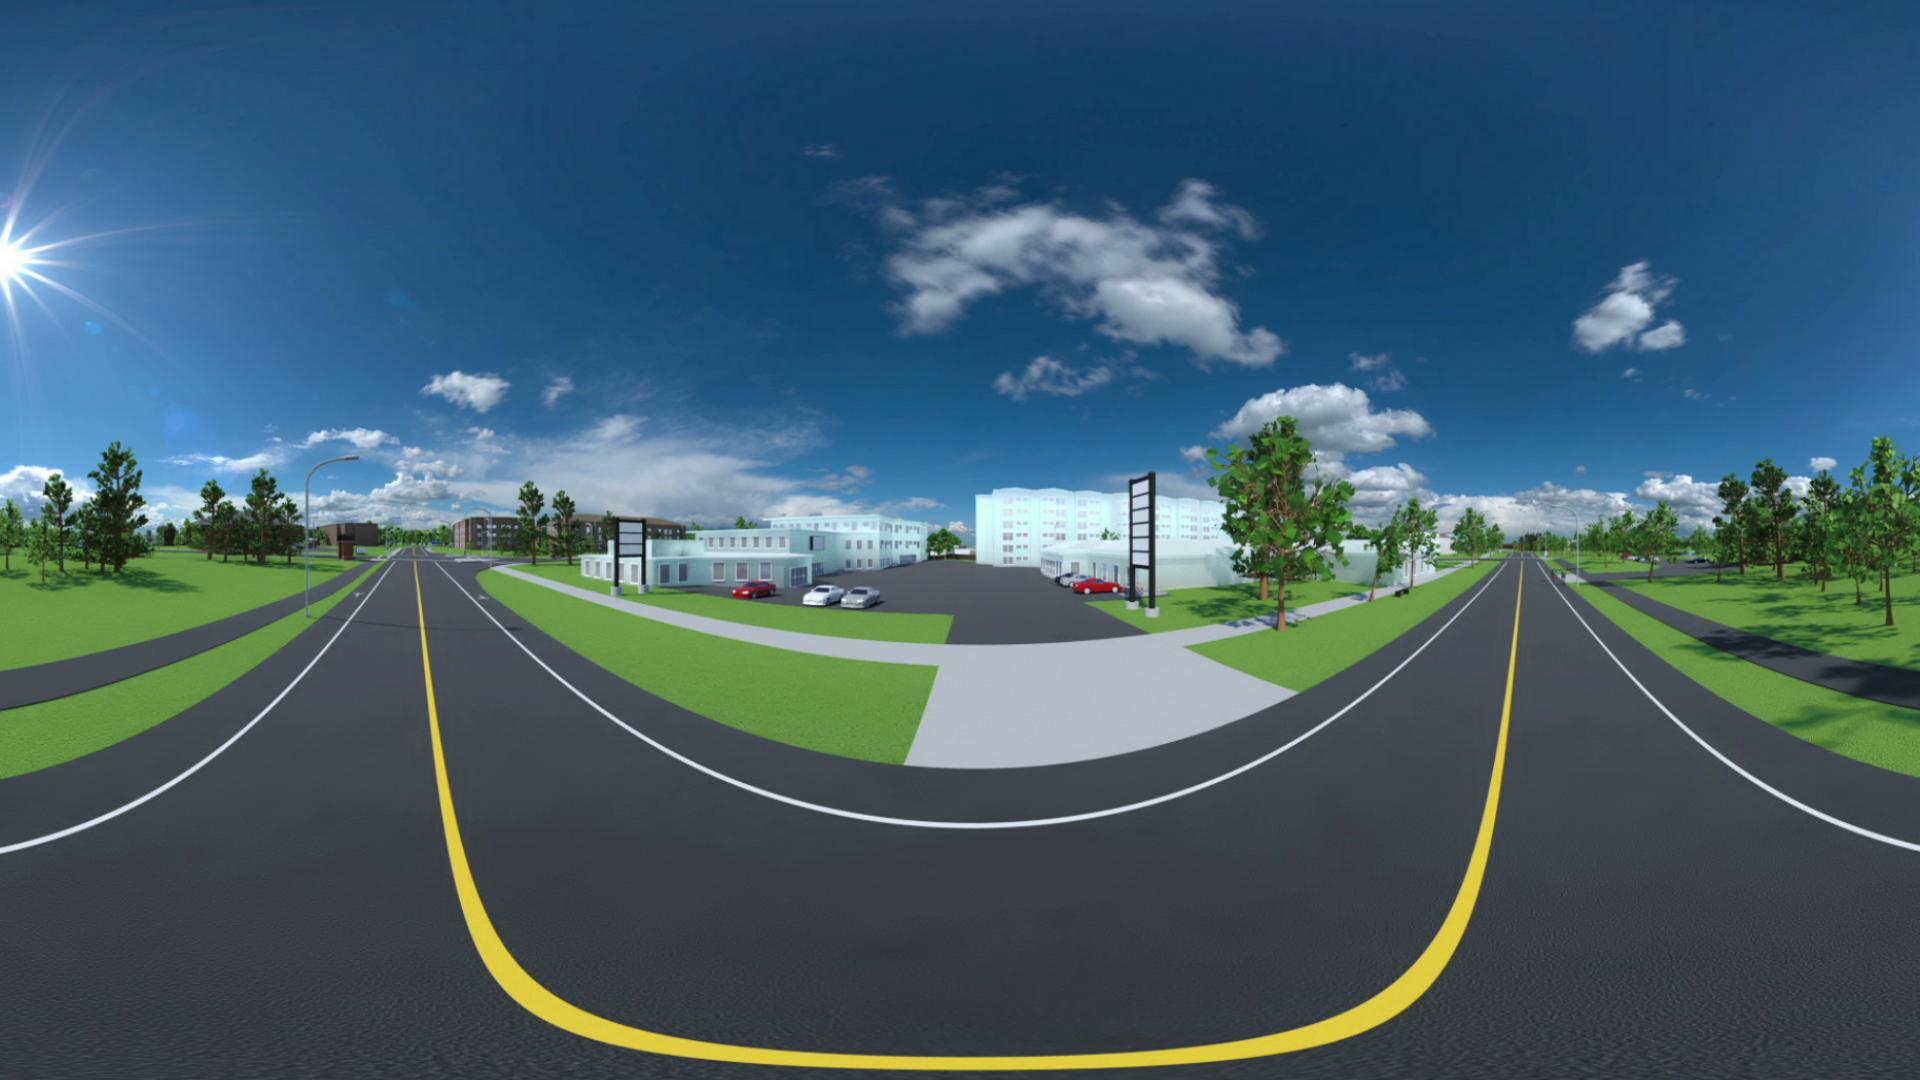 City02_VR_3D_b3d_Lethbridge.png